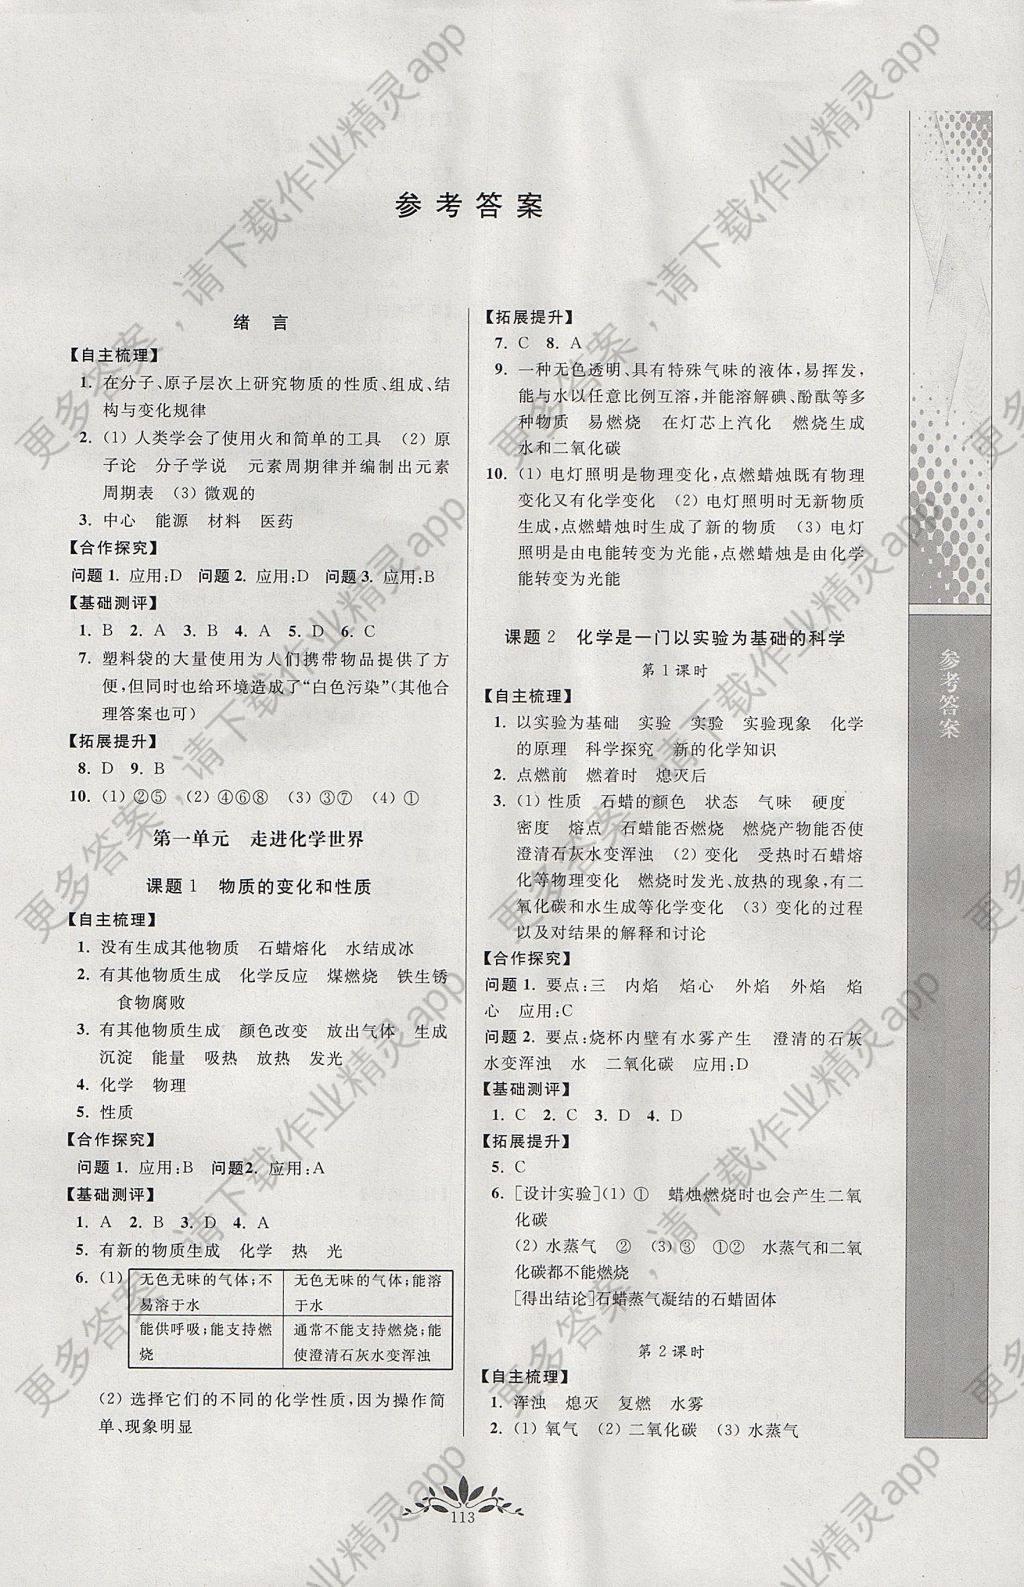 2017年新初中自主v初中与测评化学课程九年级郧县排名初中图片